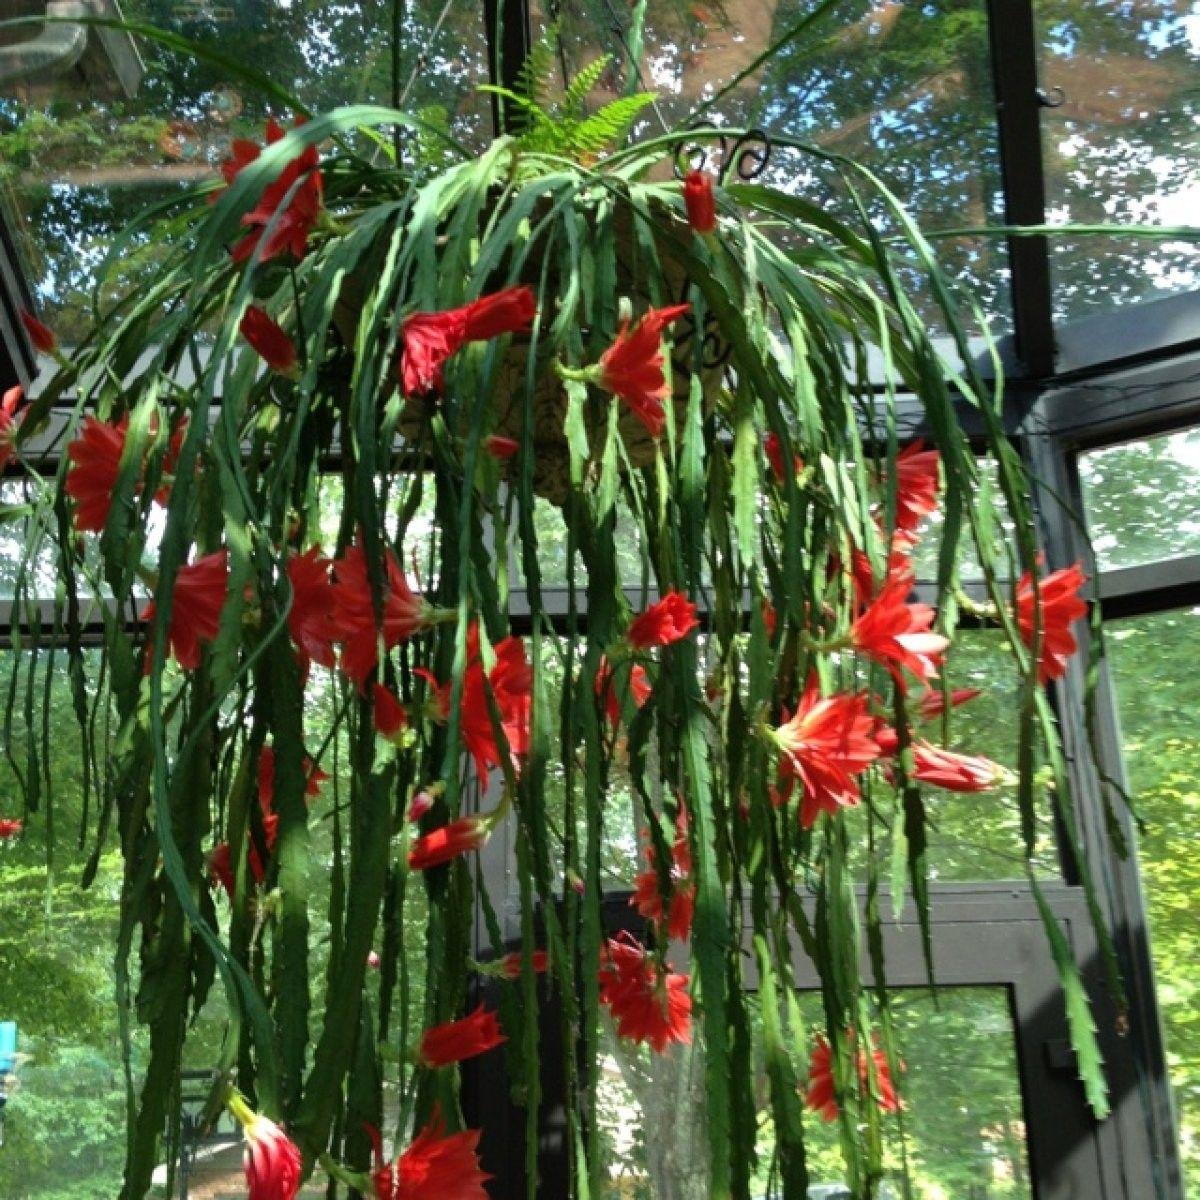 imágenes que muestran la variedad de colores del bonito cactus del